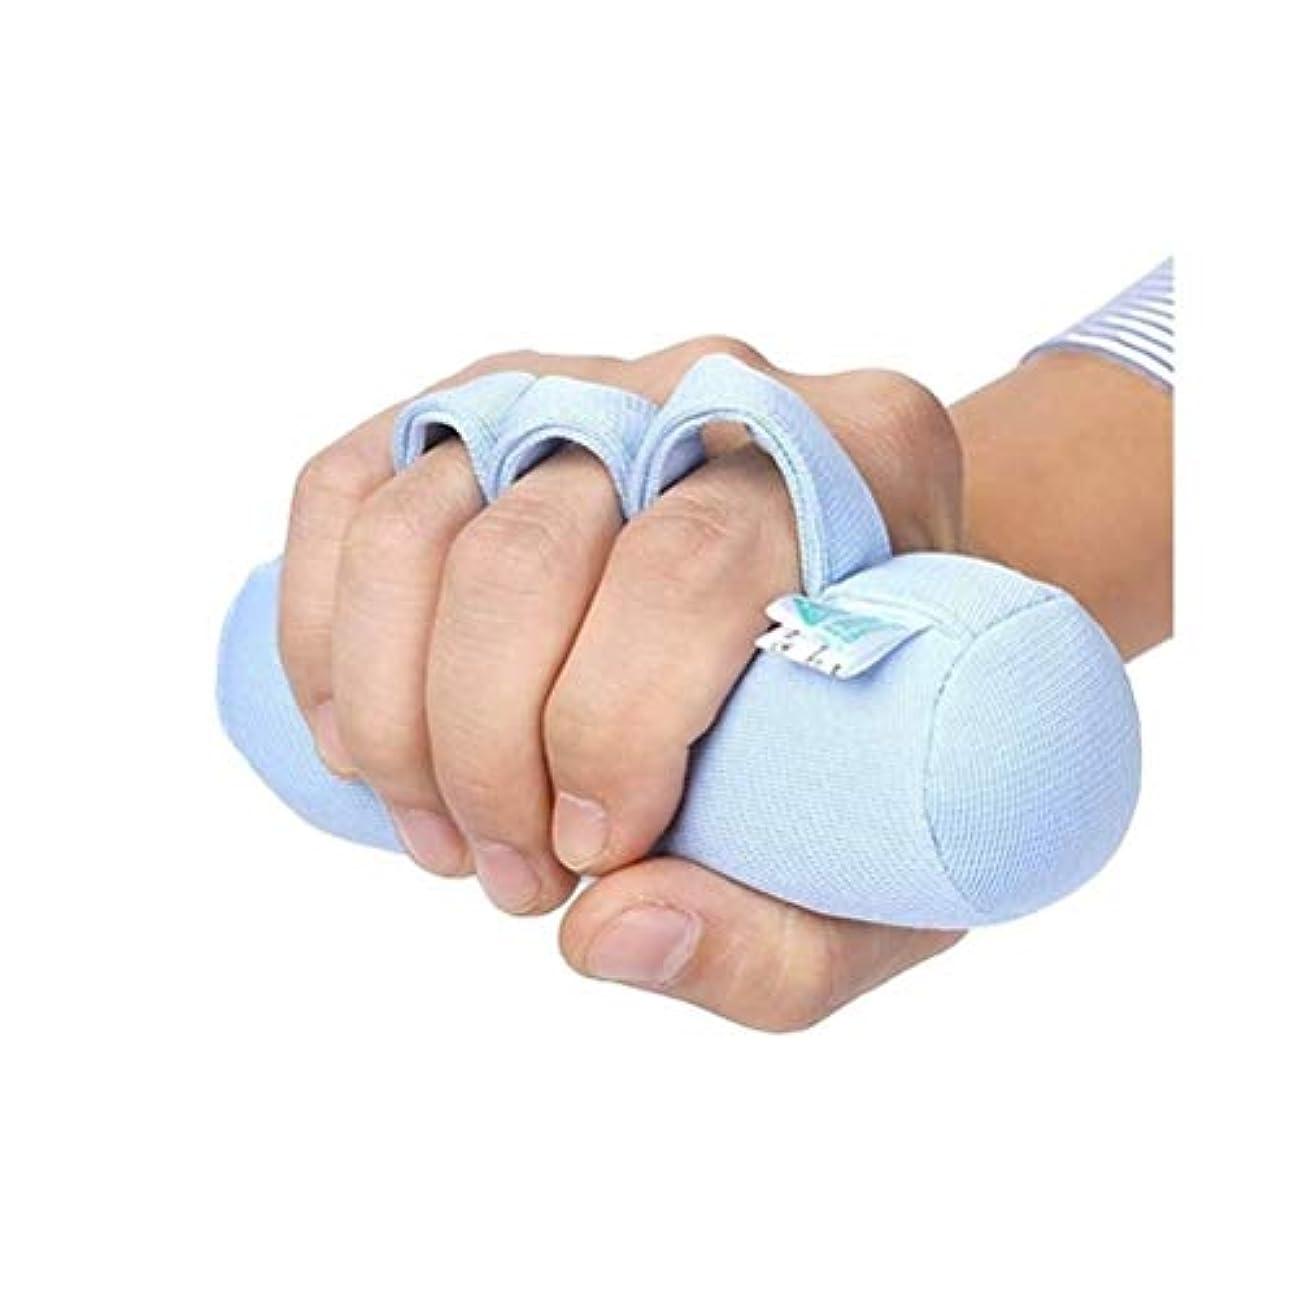 インシュレータトリムまとめる指セパレーターパームプロテクター、手拘縮装具、ソフトパームクッションのために、指セパレーターはベッドのためにくる病ハンド高齢者ケアを化膿指拘縮クッション防止の指は指セパレーションフィット右または左の手を傷